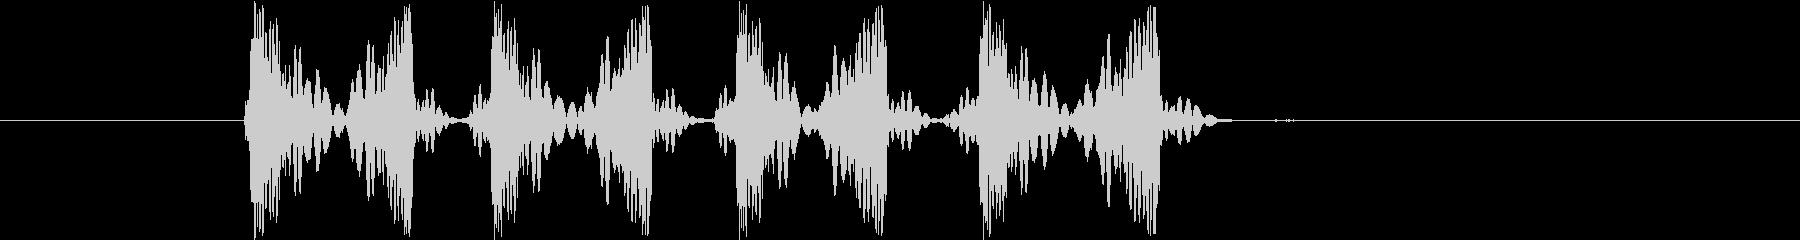 スクラッチ2high(ズクズクズクズク)の未再生の波形